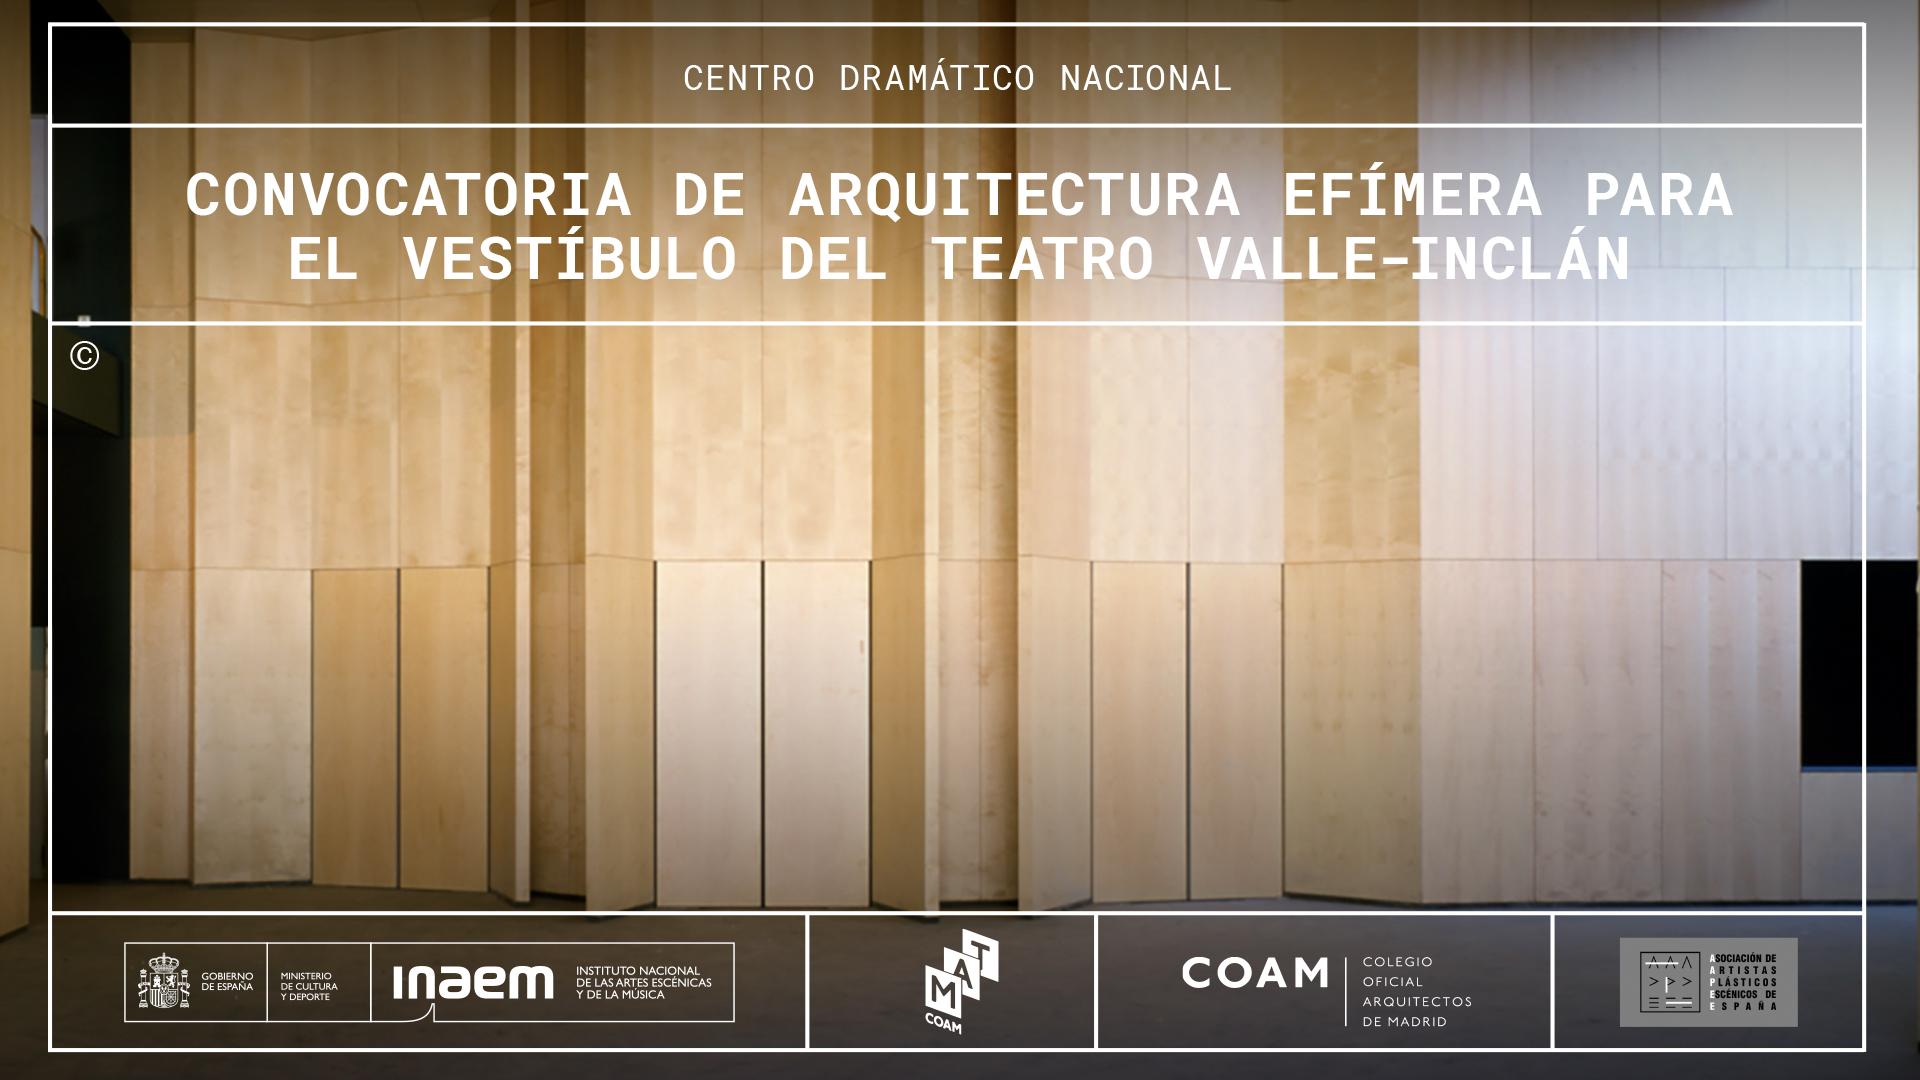 El CDN recibe 61 propuestas en la convocatoria de arquitectura efímera para el vestíbulo del Teatro Valle-Inclán